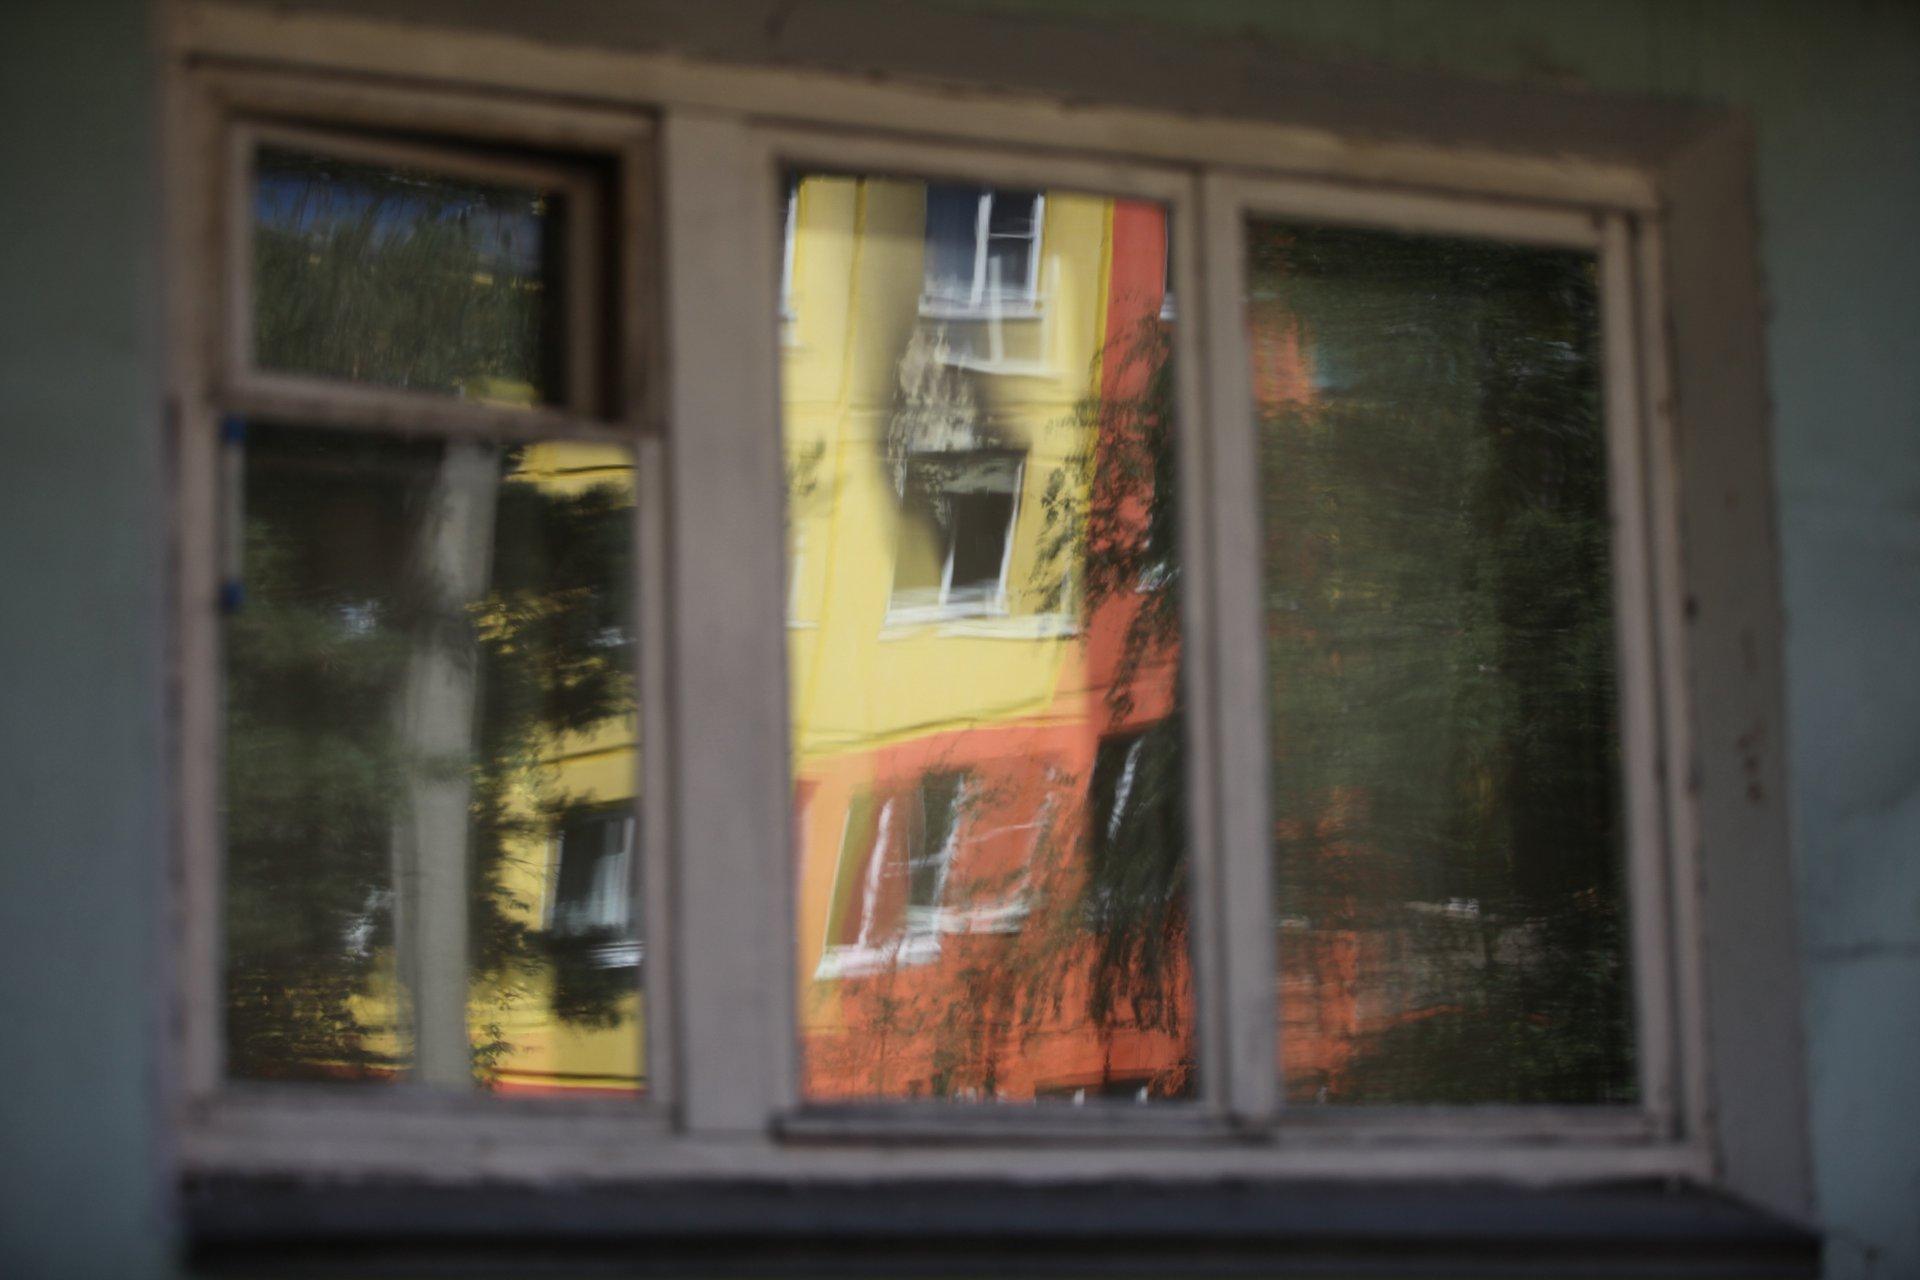 Из окна своей квартиры Татьяна увидела дым в соседнем доме